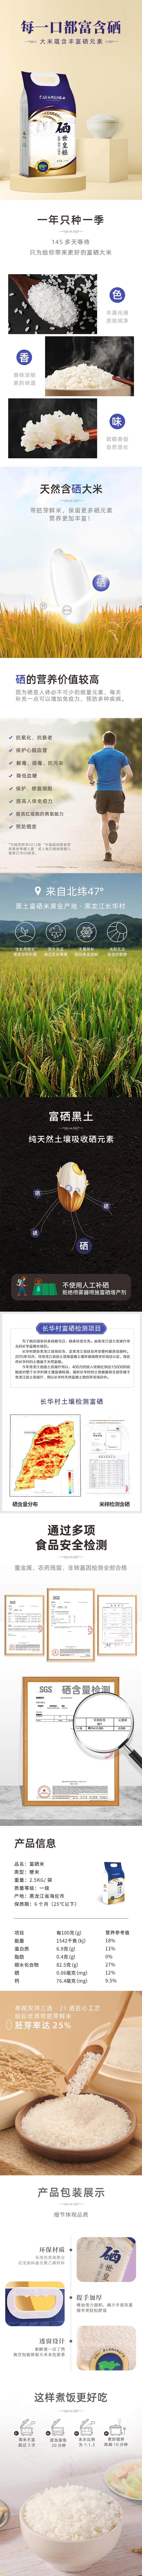 硒世皇粮详情页.jpg